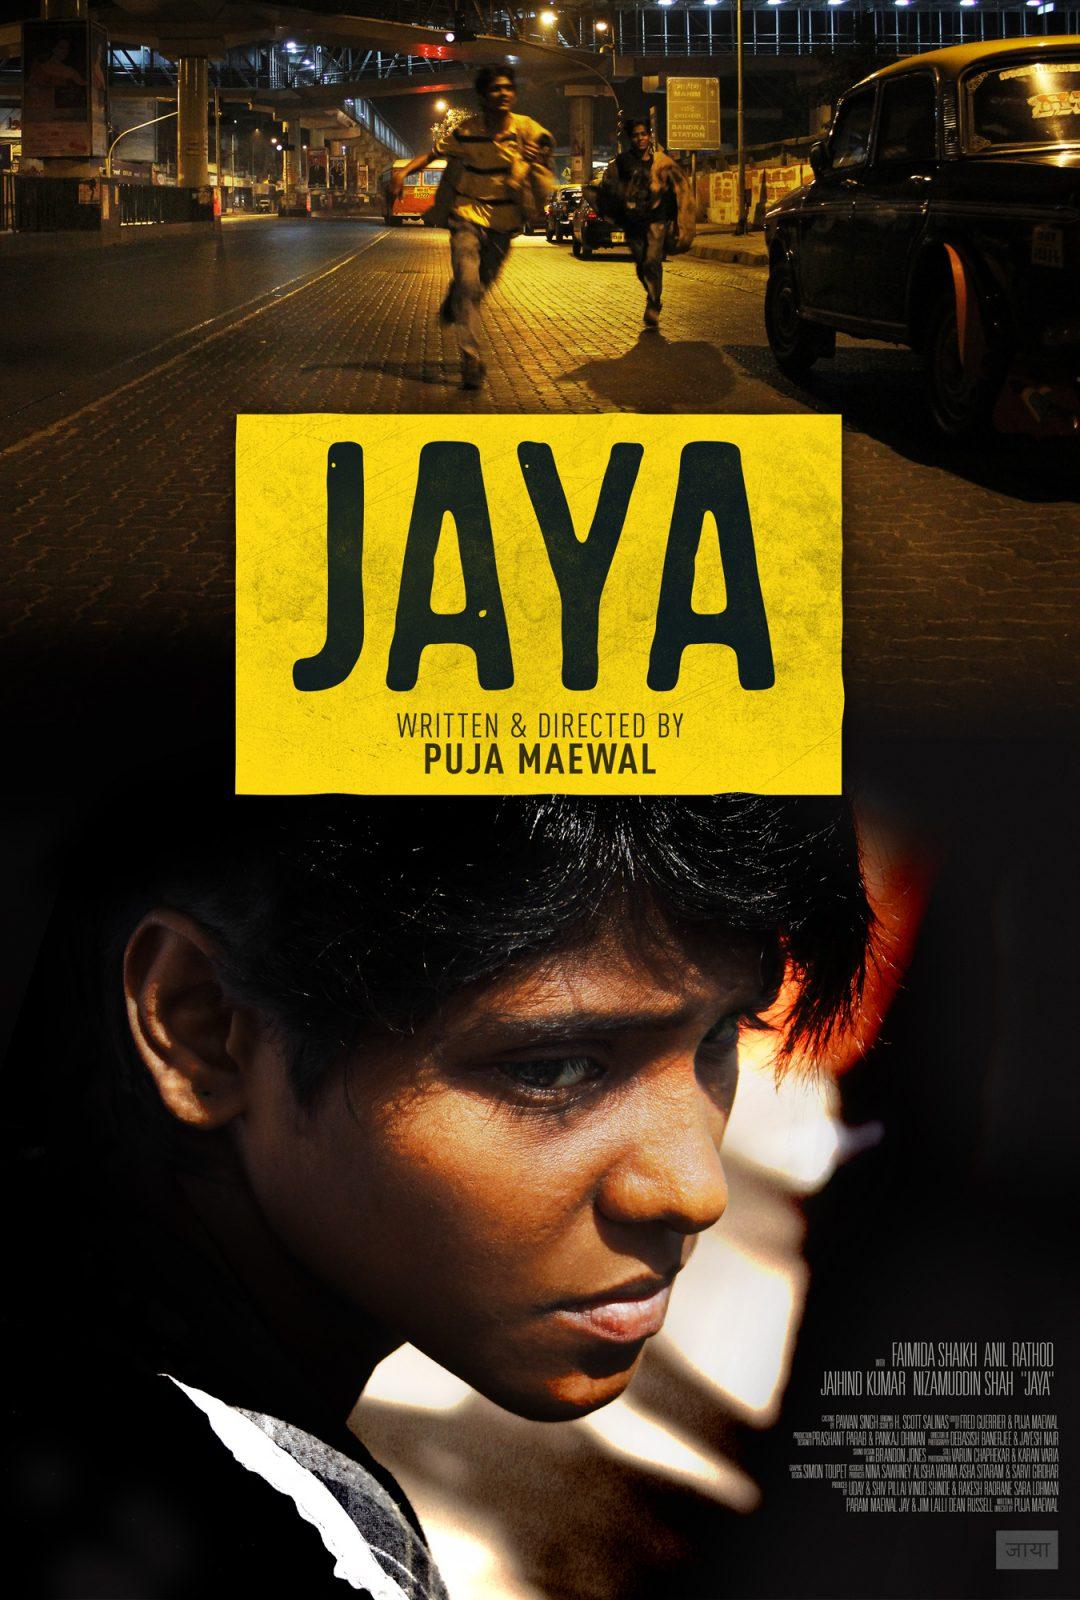 jaya_poster-web02